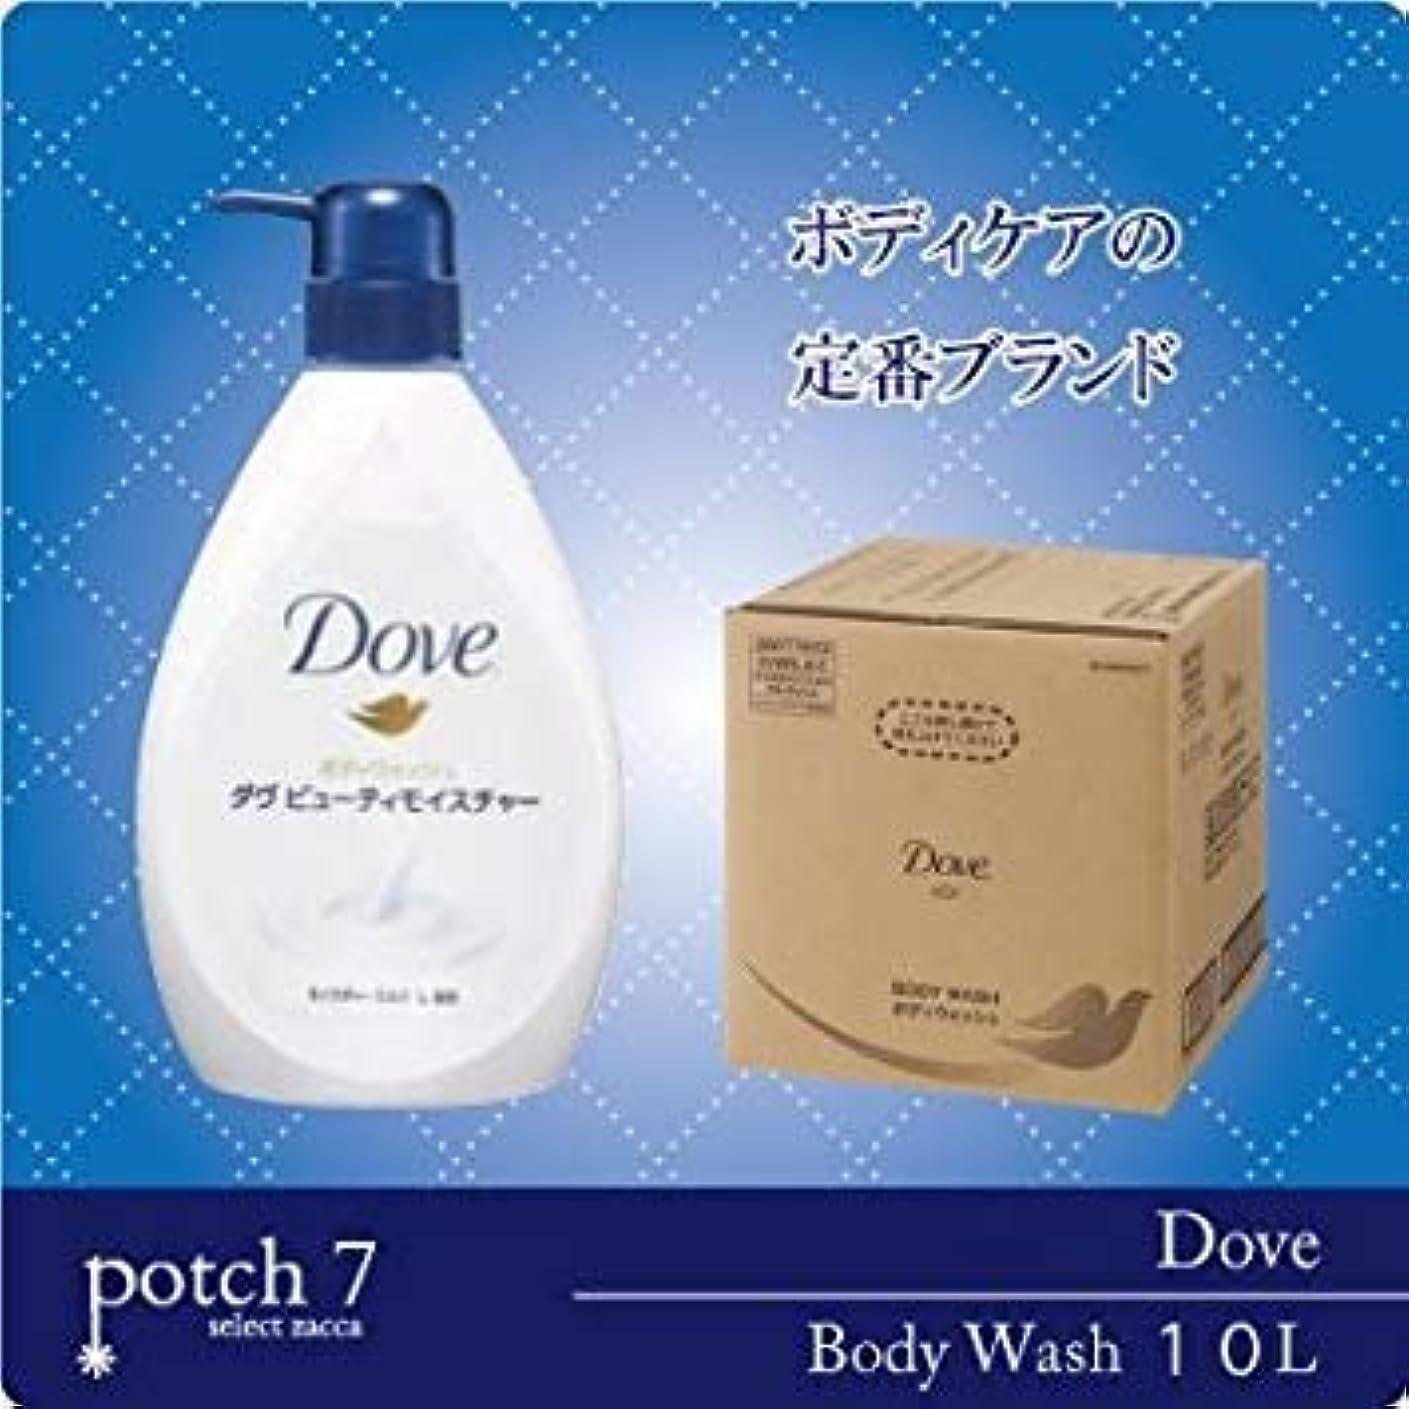 バスタブ洗練障害Unilever ユニリーバ Dove ダヴ 10L ボディソープ 詰替え 空容器520g×1本付